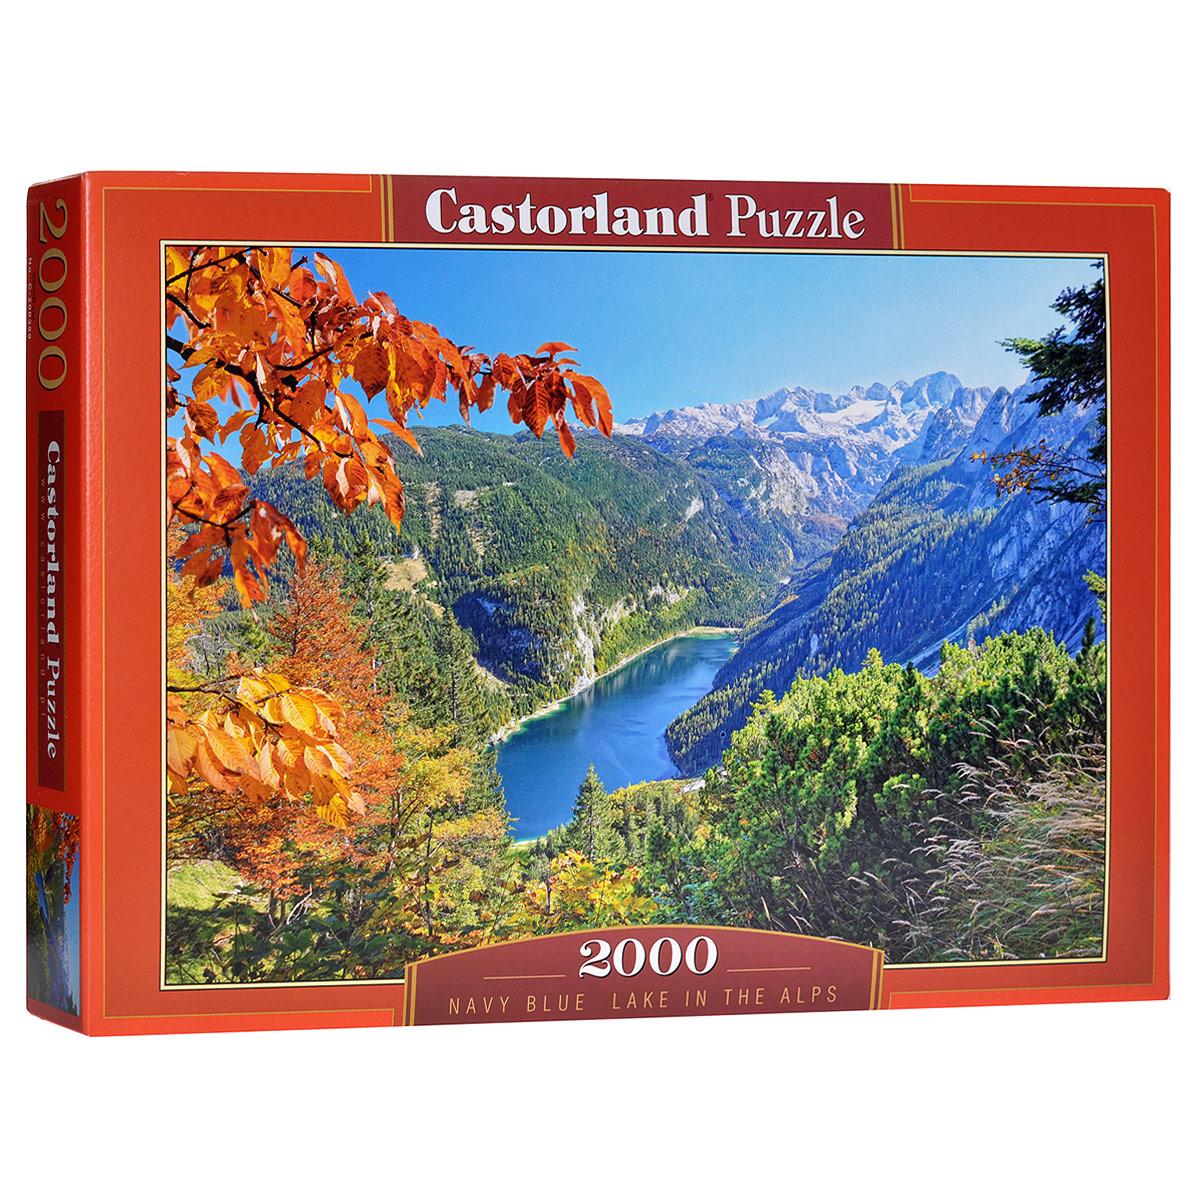 Озеро в Альпах. Пазл, 2000 элементовС-200399Пазл Озеро в Альпах, без сомнения, придется вам по душе. Собрав этот пазл, включающий в себя 2000 элементов, вы получите великолепную картину с изображением озера в горах. Пазл - великолепная игра для семейного досуга. Сегодня собирание пазлов стало особенно популярным, главным образом, благодаря своей многообразной тематике, способной удовлетворить самый взыскательный вкус. А для детей это не только интересно, но и полезно. Собирание пазла развивает мелкую моторику у ребенка, тренирует наблюдательность, логическое мышление, знакомит с окружающим миром, с цветом и разнообразными формами.